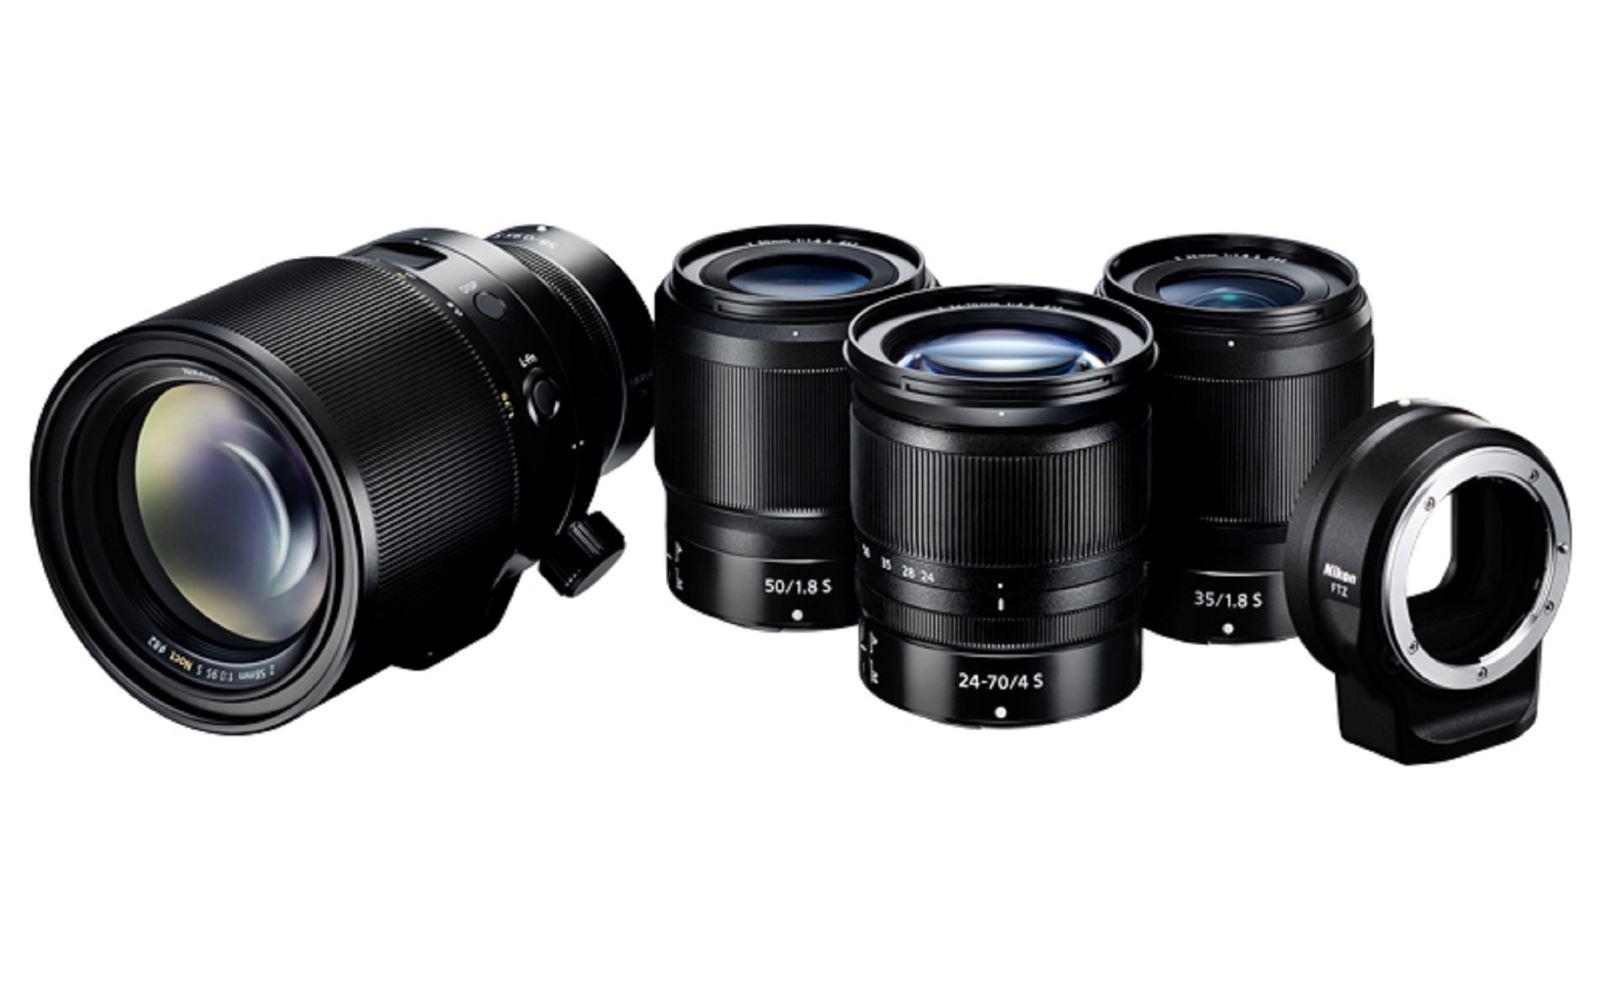 Nikon chính thức ra mắt ba ống kính NIKKOR Z dòng S dành cho Nikon Z6 và Z7